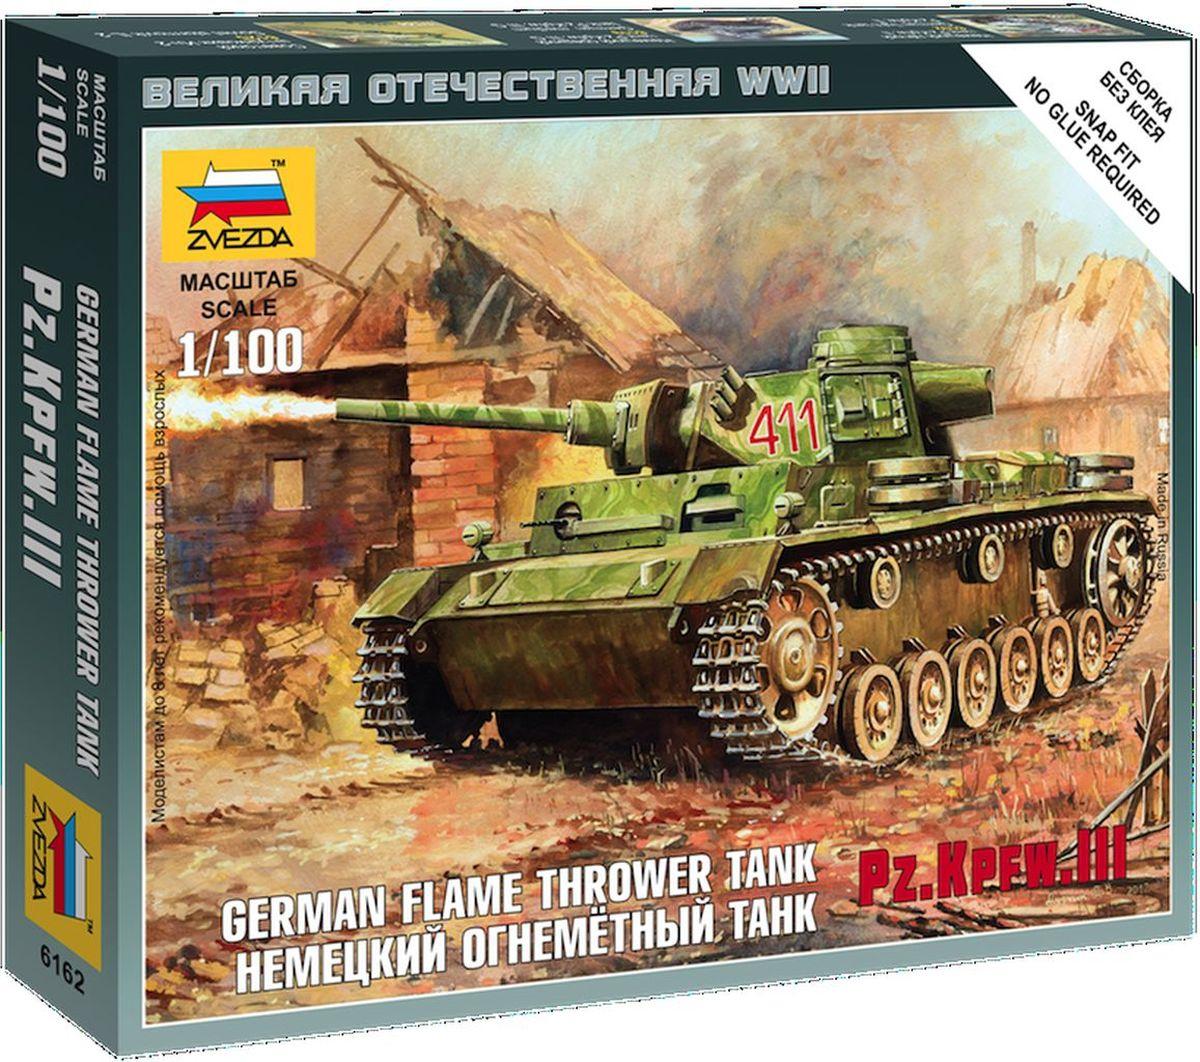 Звезда Сборная модель Немецкий огнеметный танк Pz Kpfw III Звезда